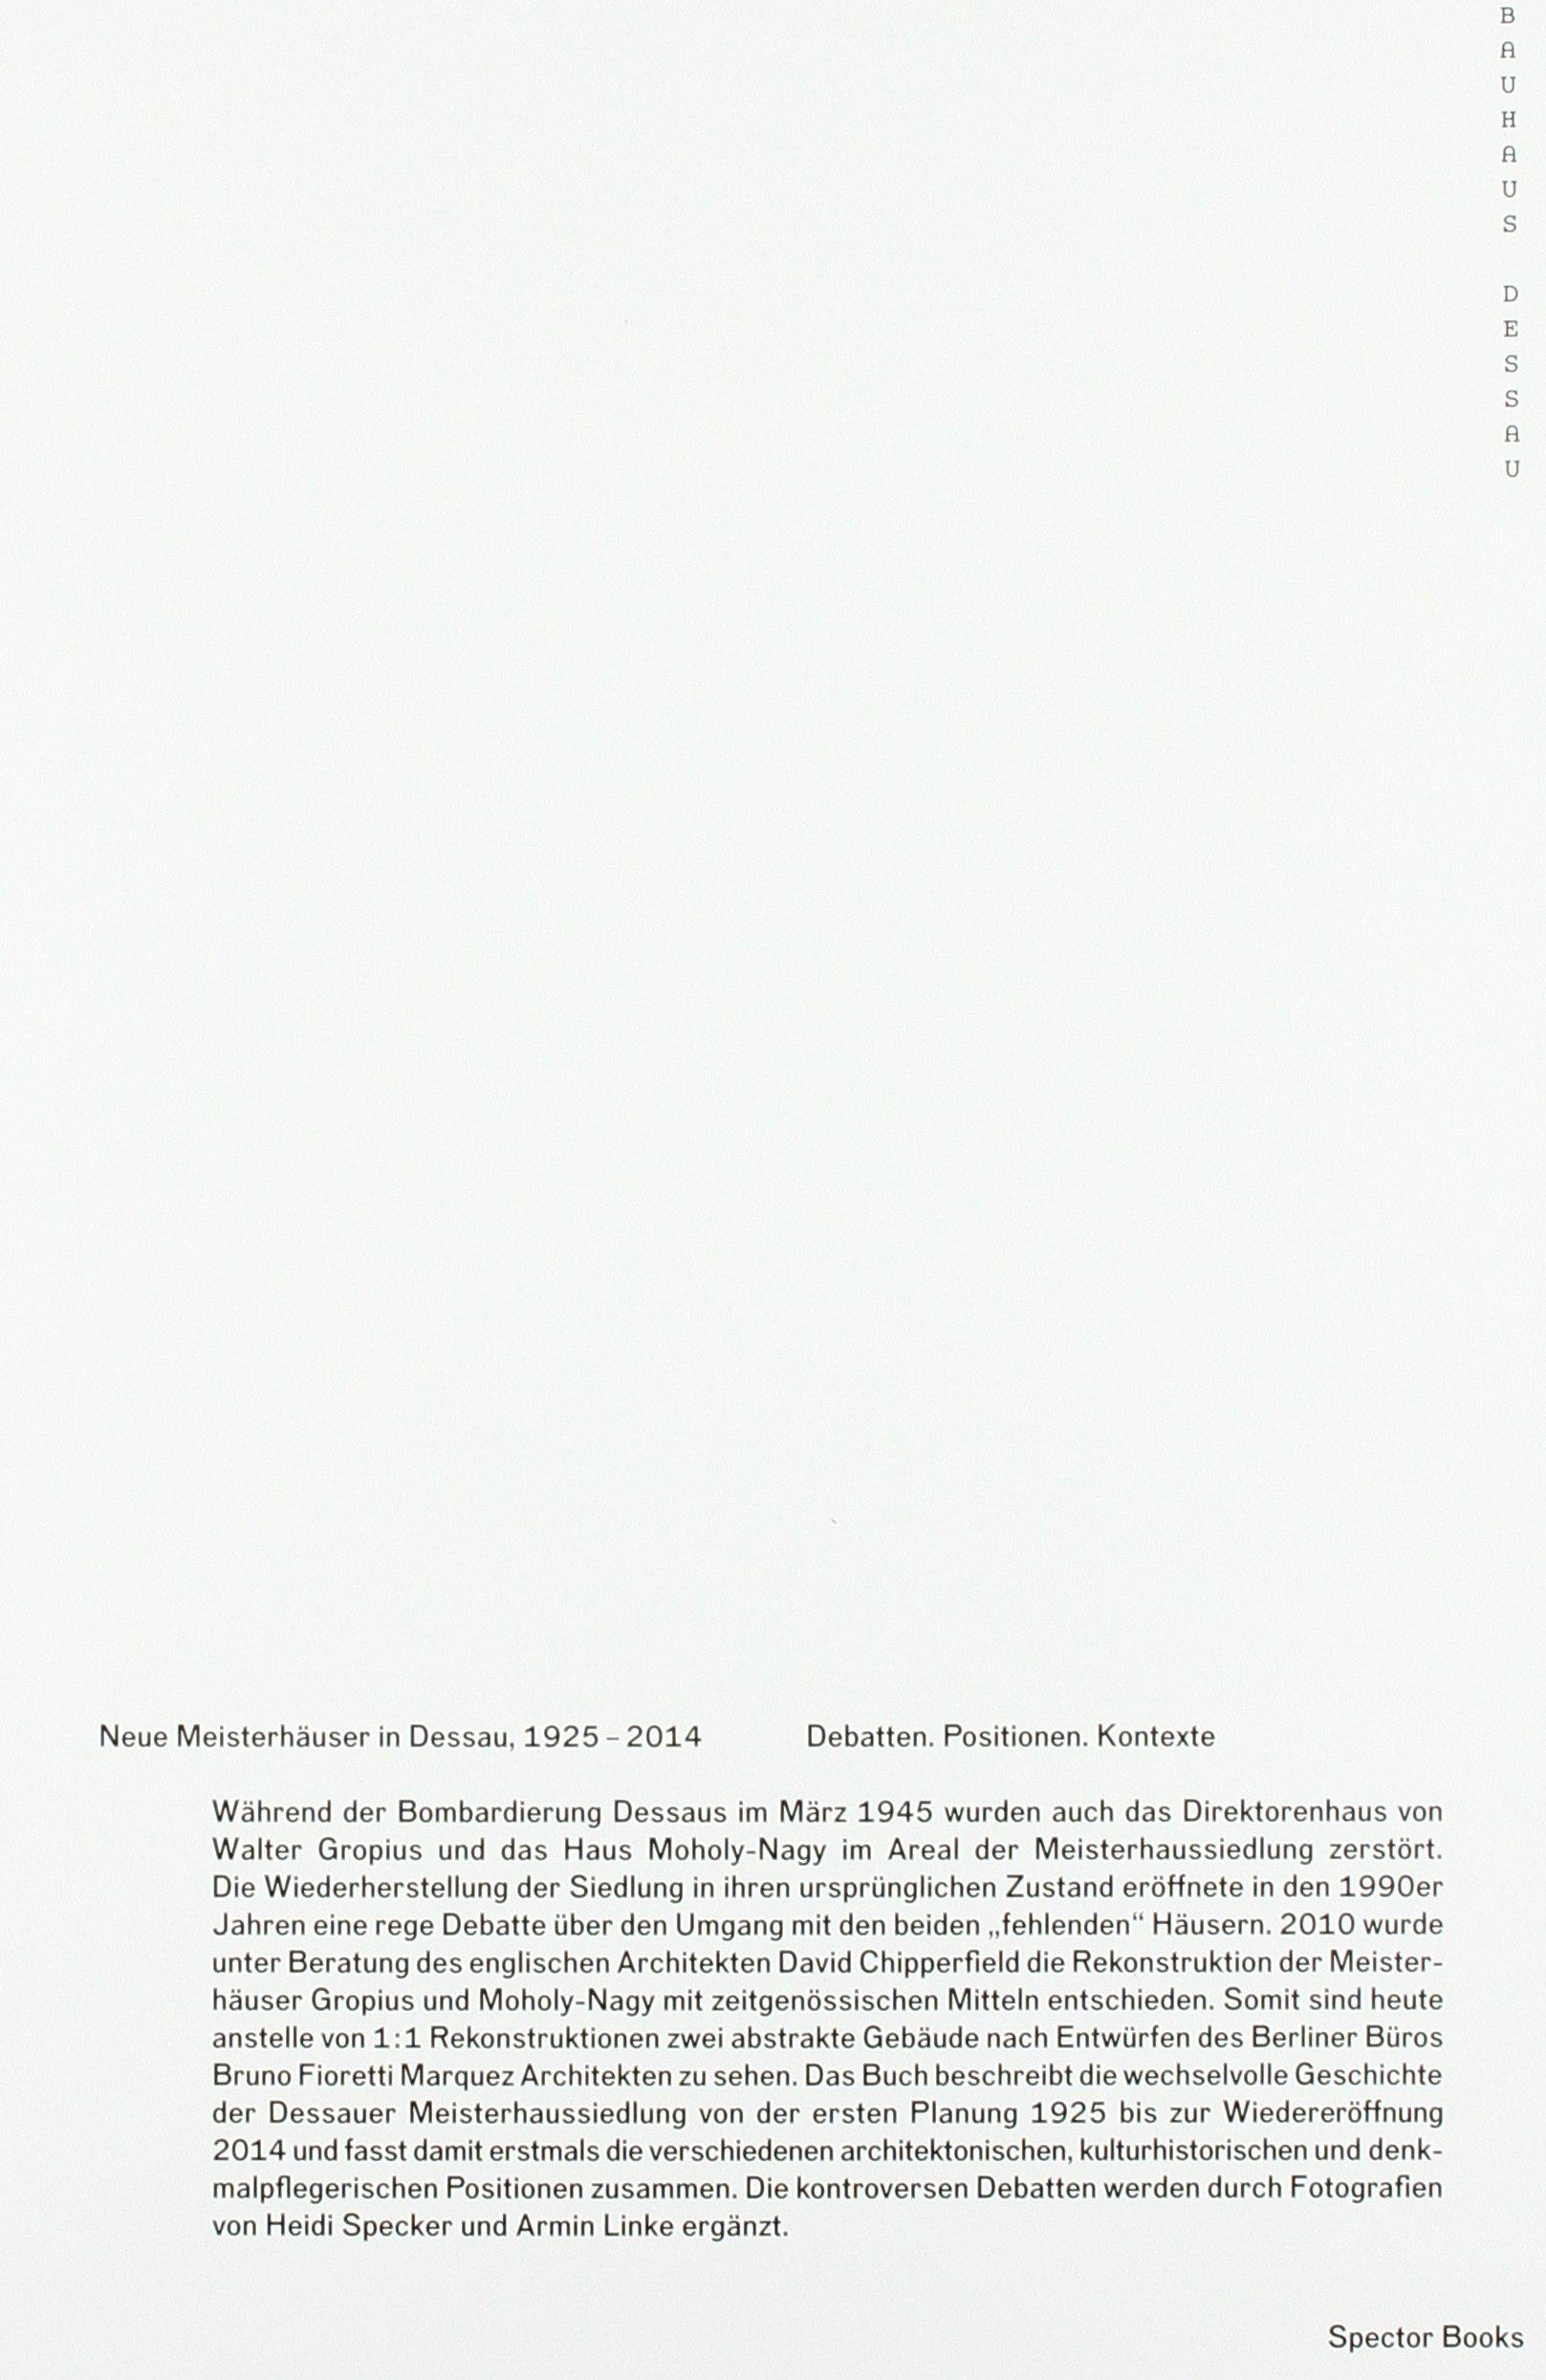 Neue Meisterhäuser in Dessau: 9783944669618: Amazon.com: Books